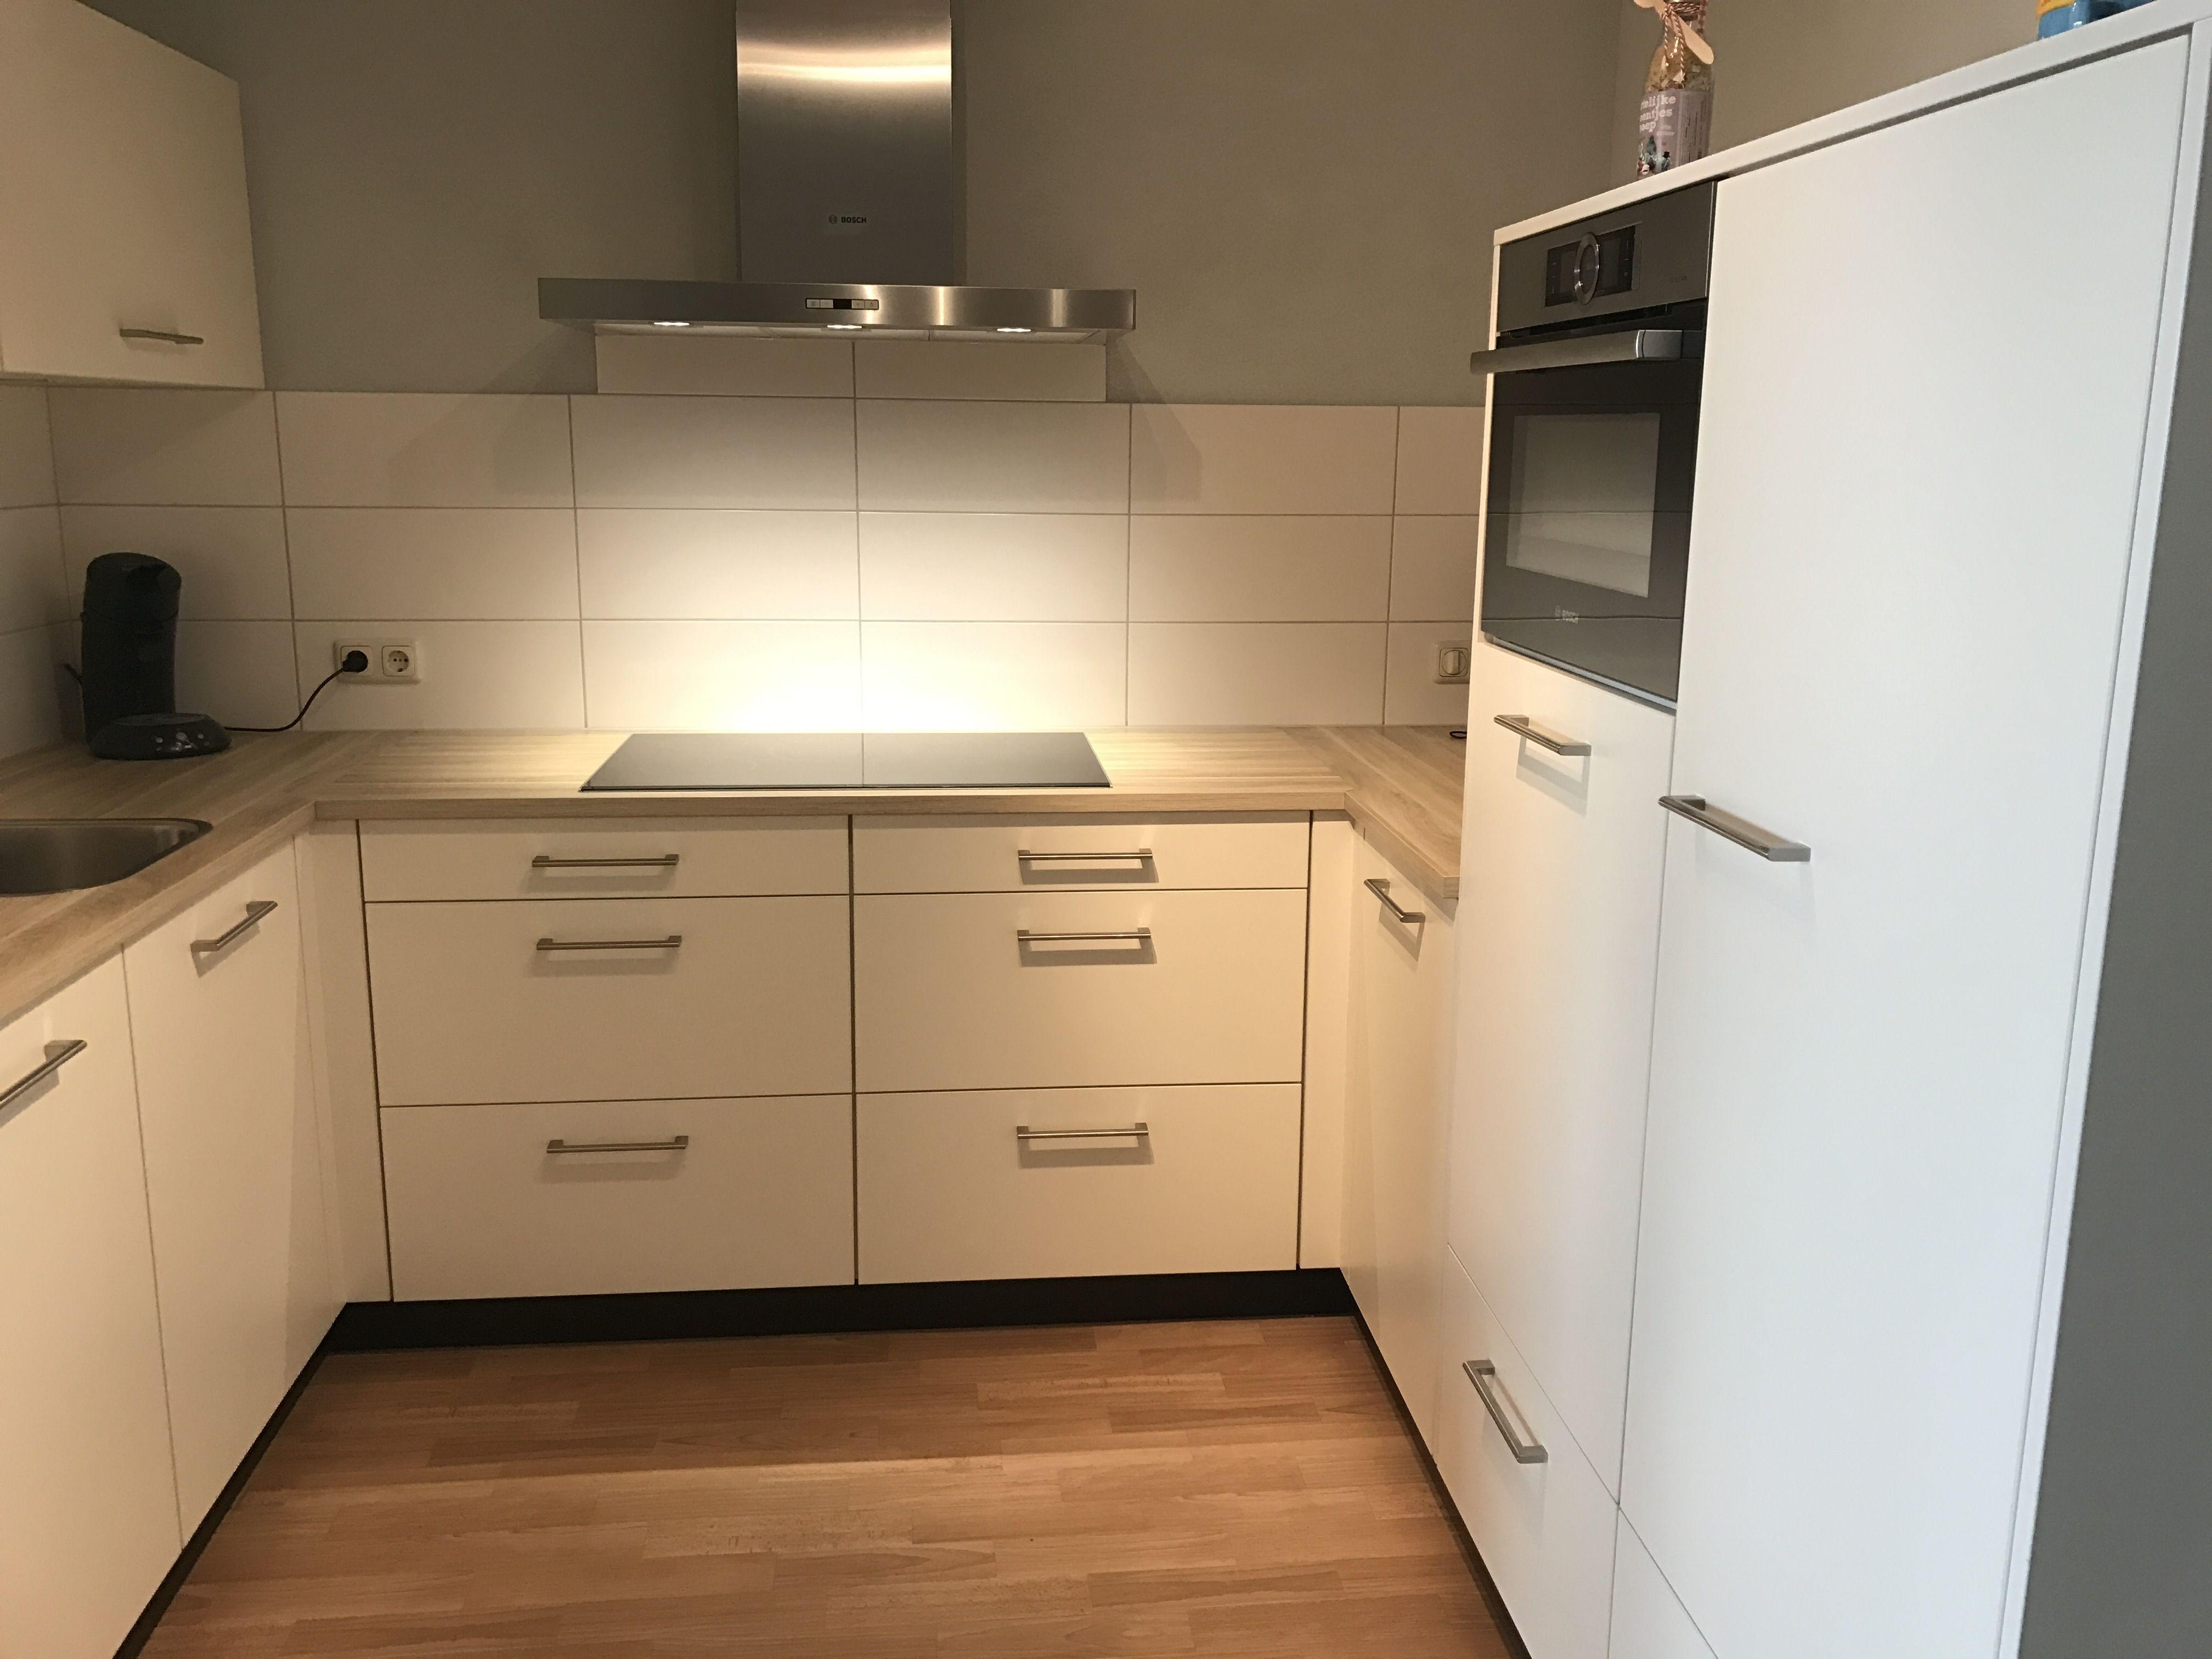 Maatwerk Keuken Met Vaatwasser Op Hoogte Door Mekx Keukens Uit Erp Kitchen Kitchen Cabinets Home Decor